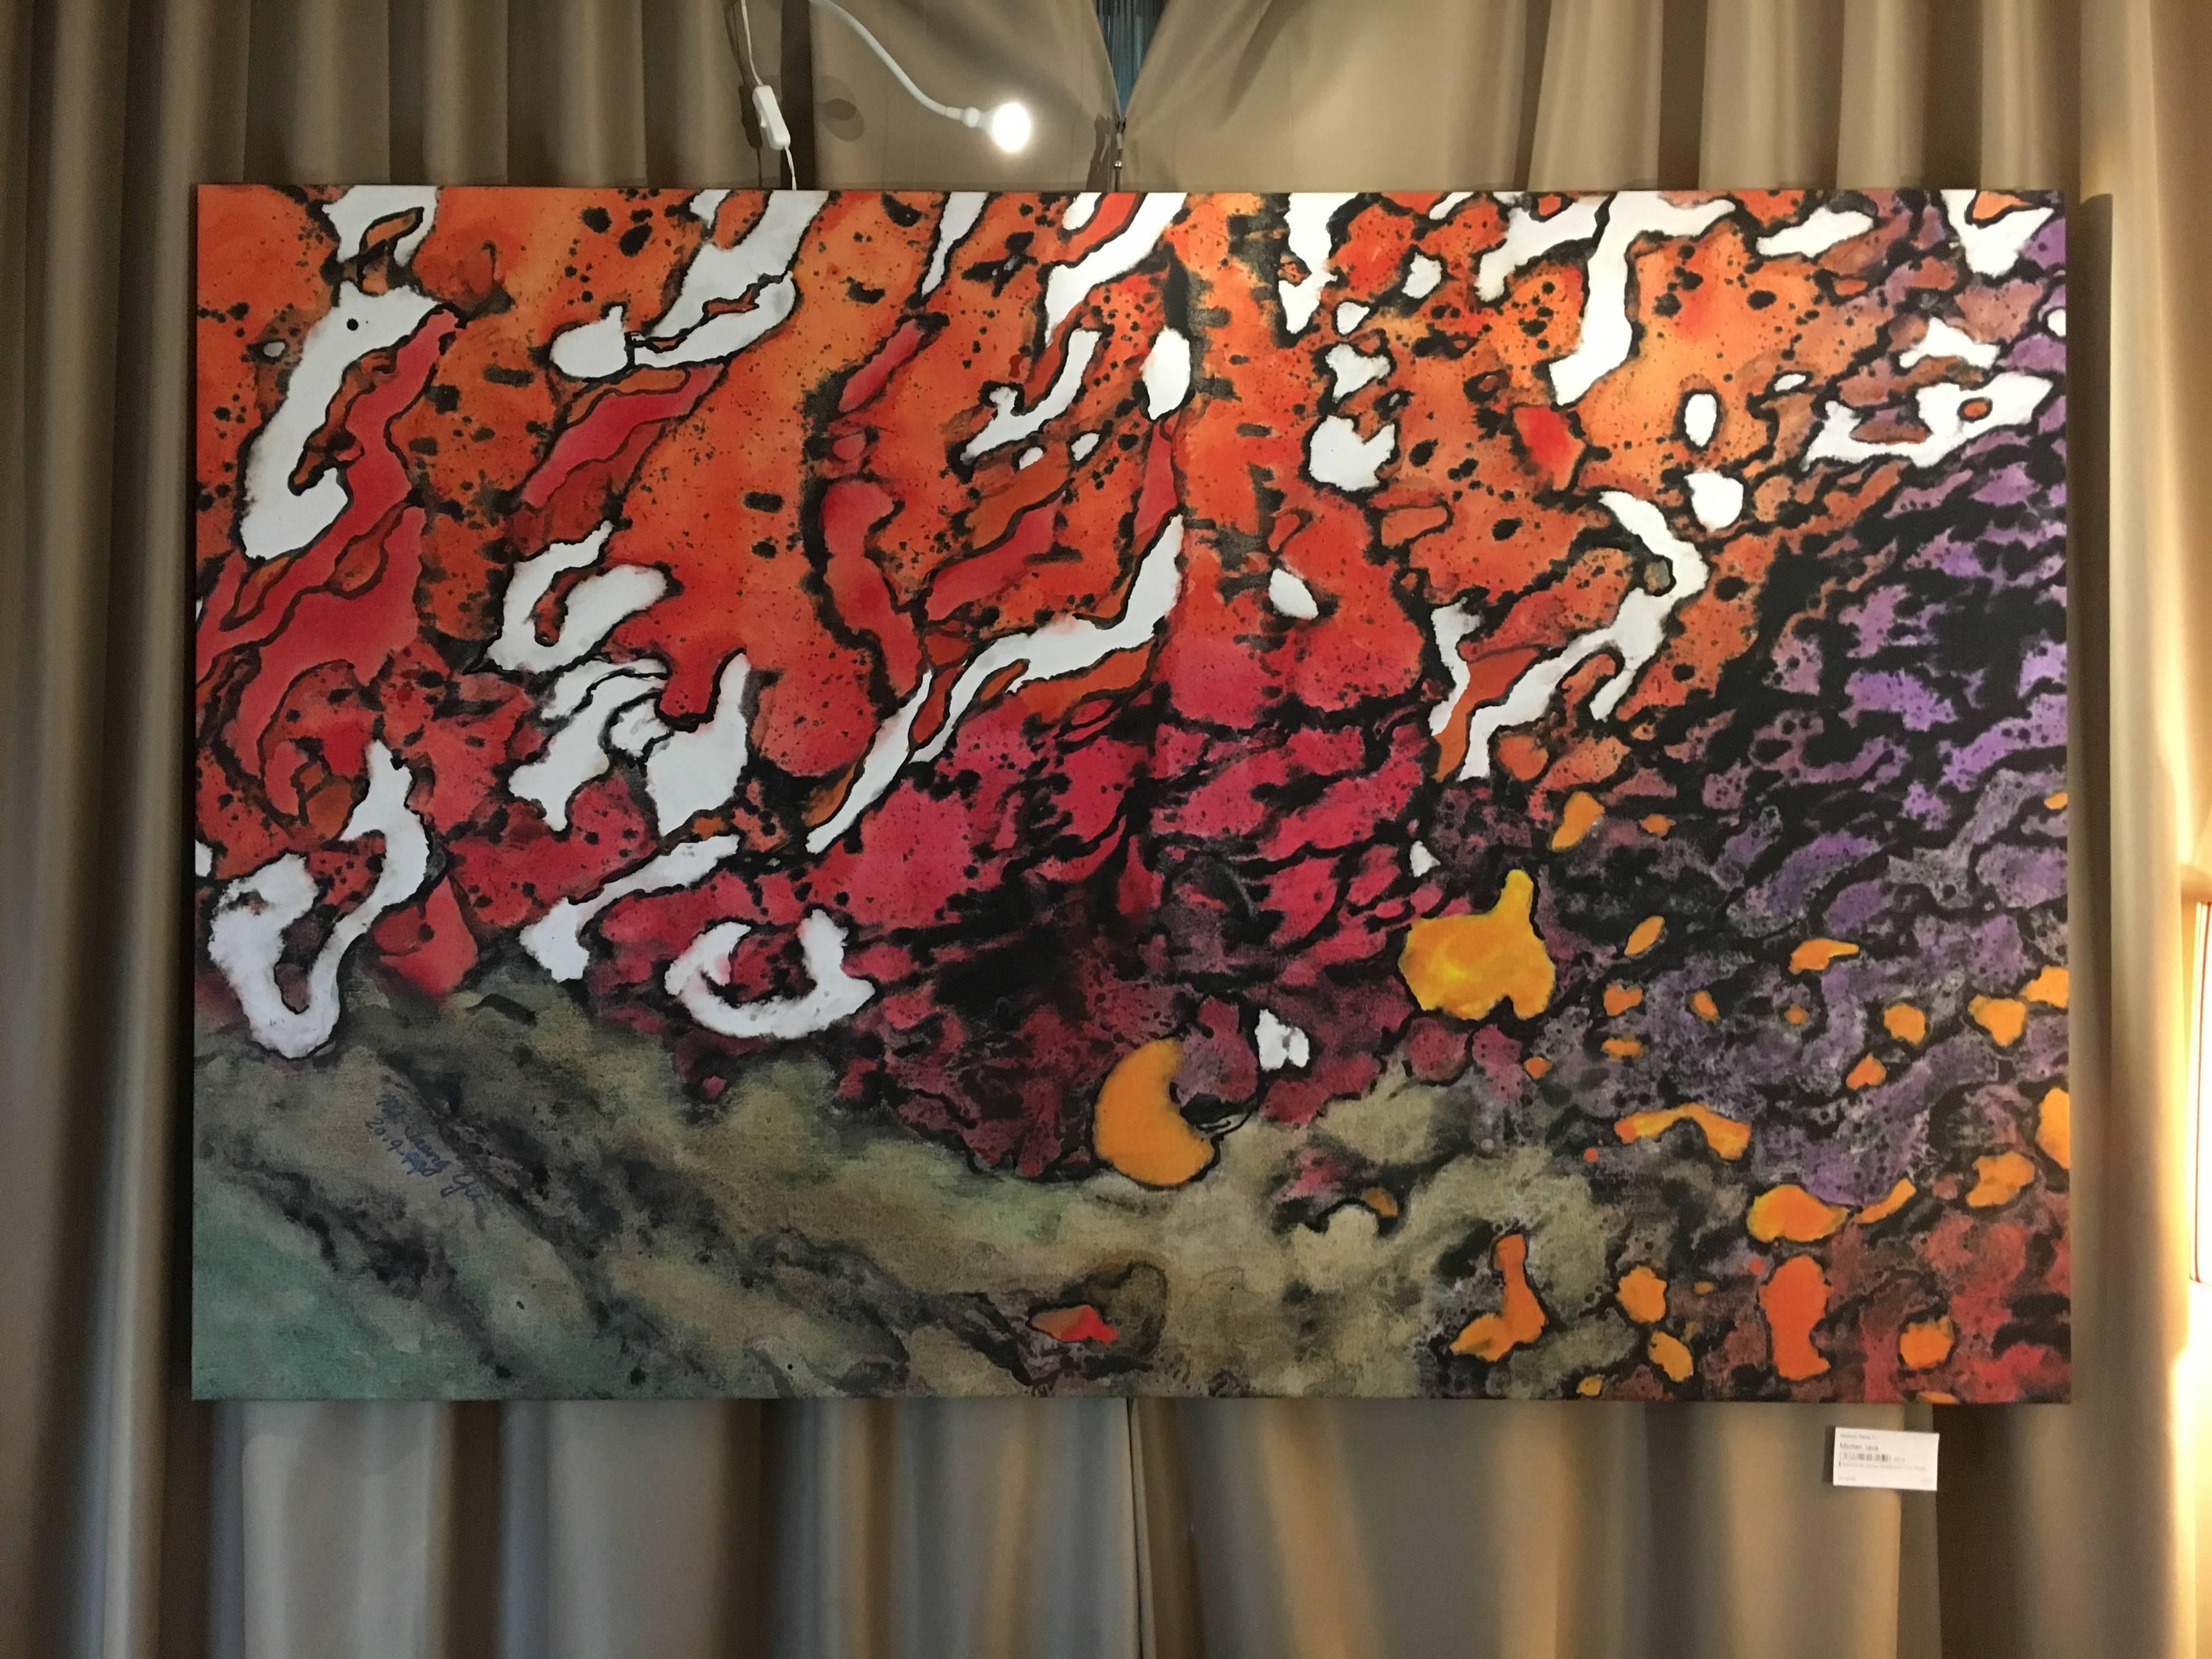 米崴藝術展出藝術家 -  Marlene Tseng Yu《Molten lava火山熔岩流動》,117 x 175 cm,Acrylics on canvas,2019。